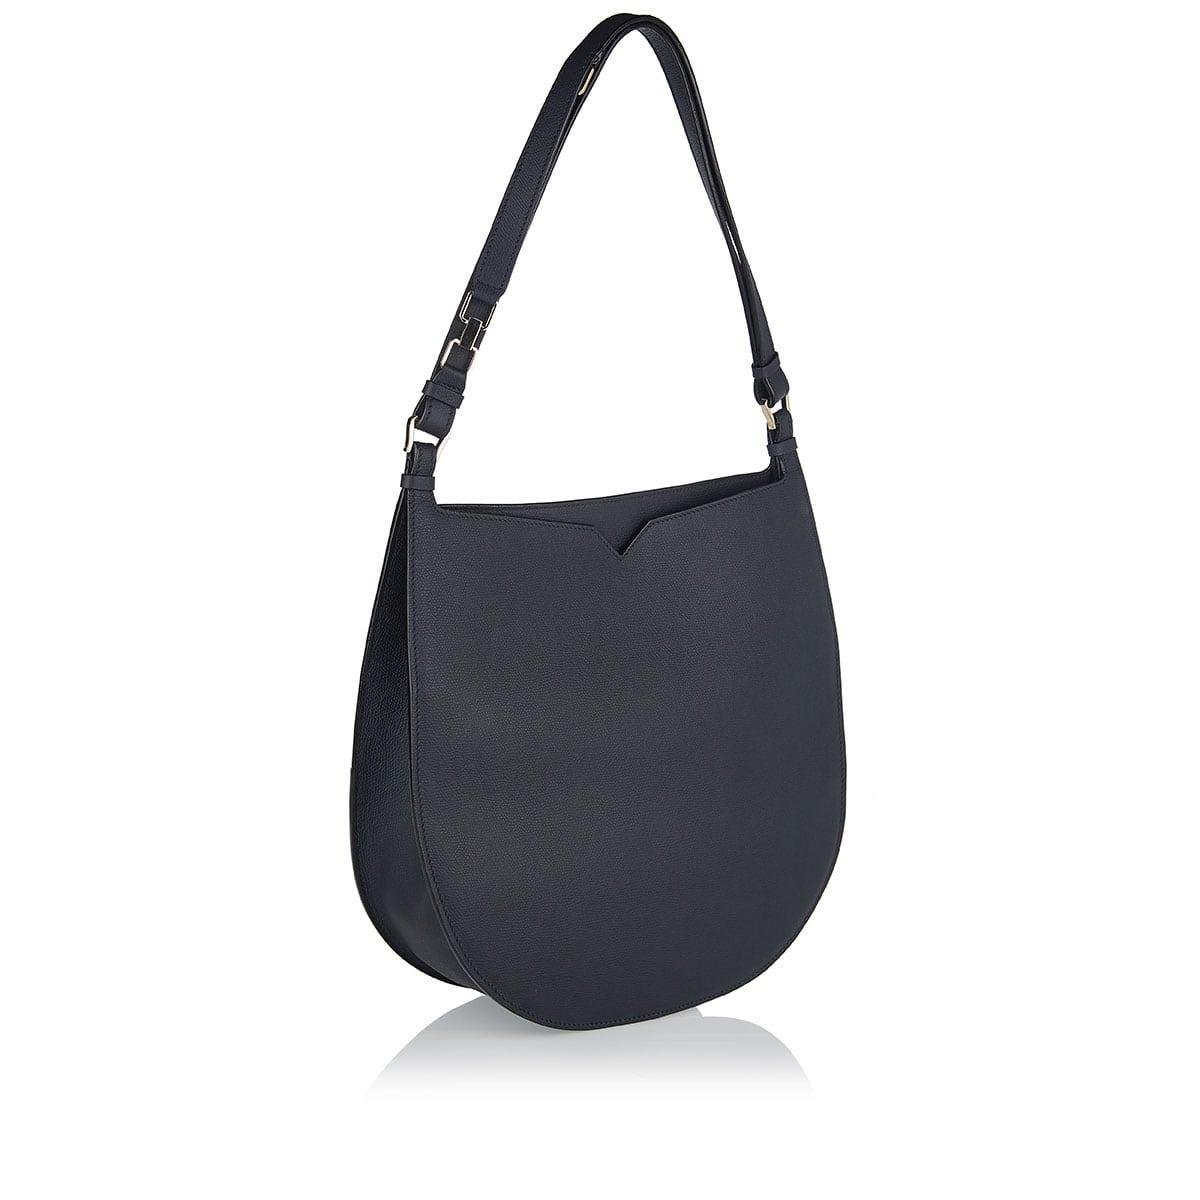 Hobo weekend large leather bag